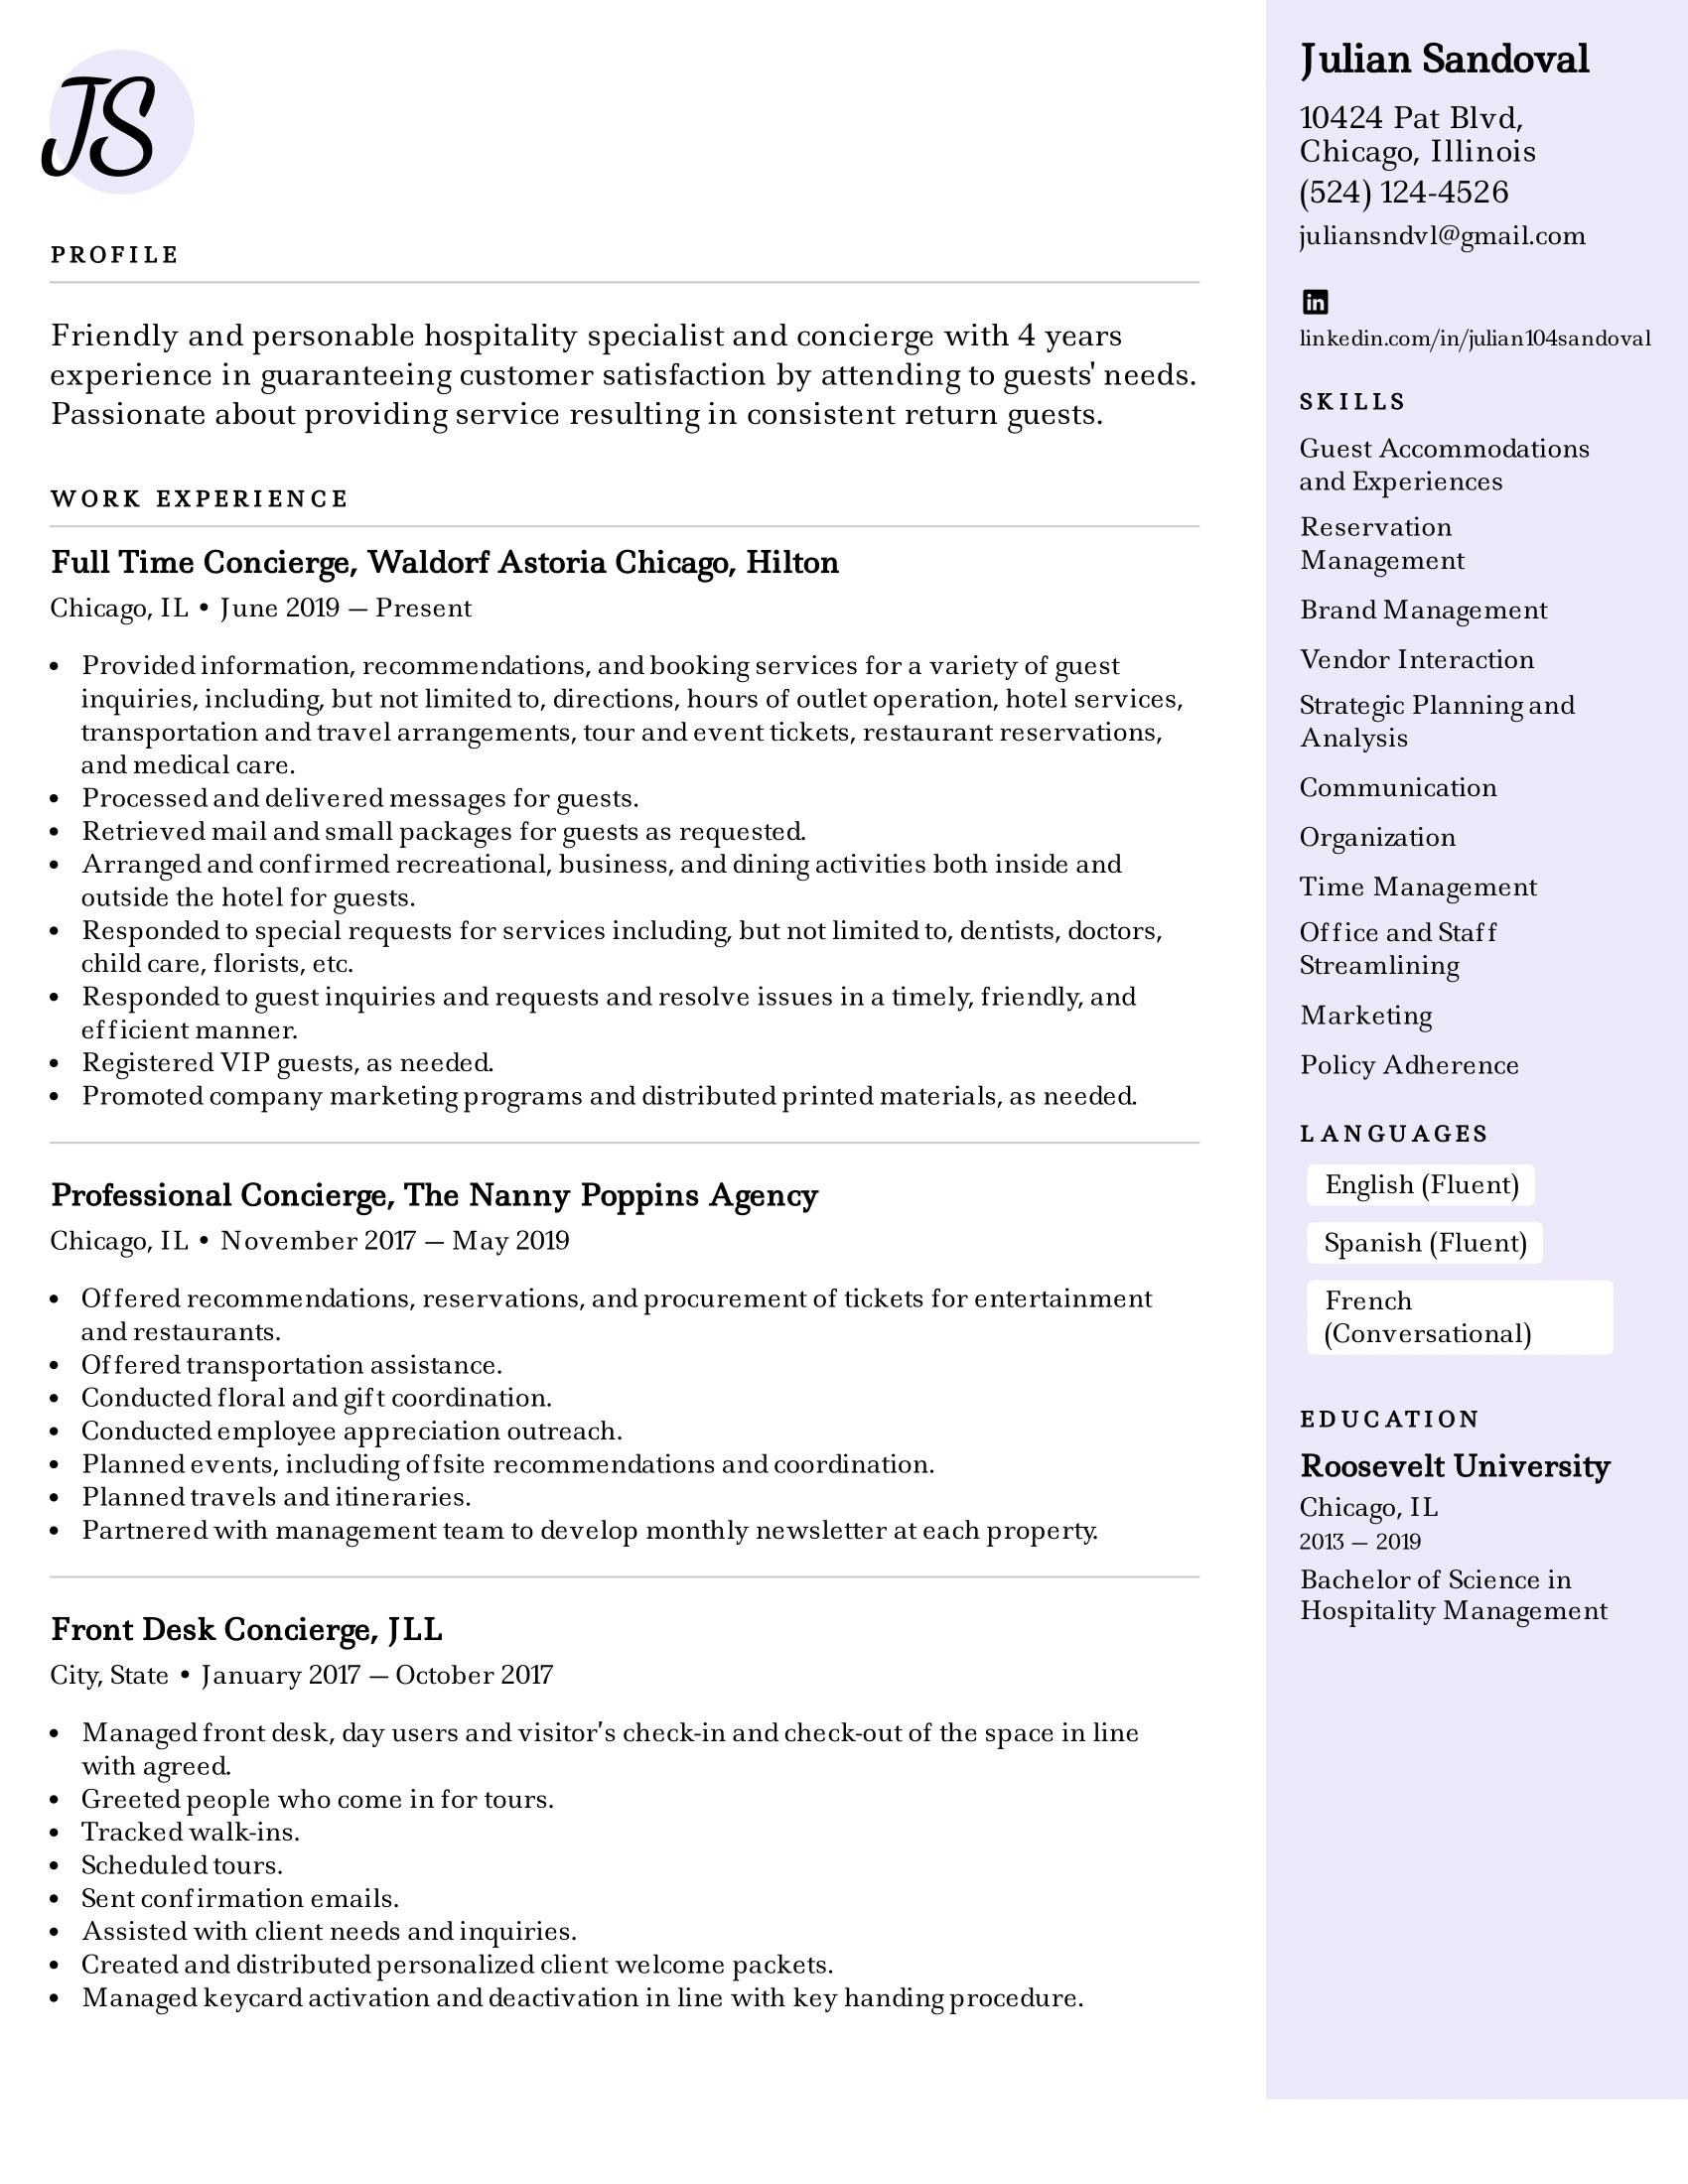 Concierge Resume Example